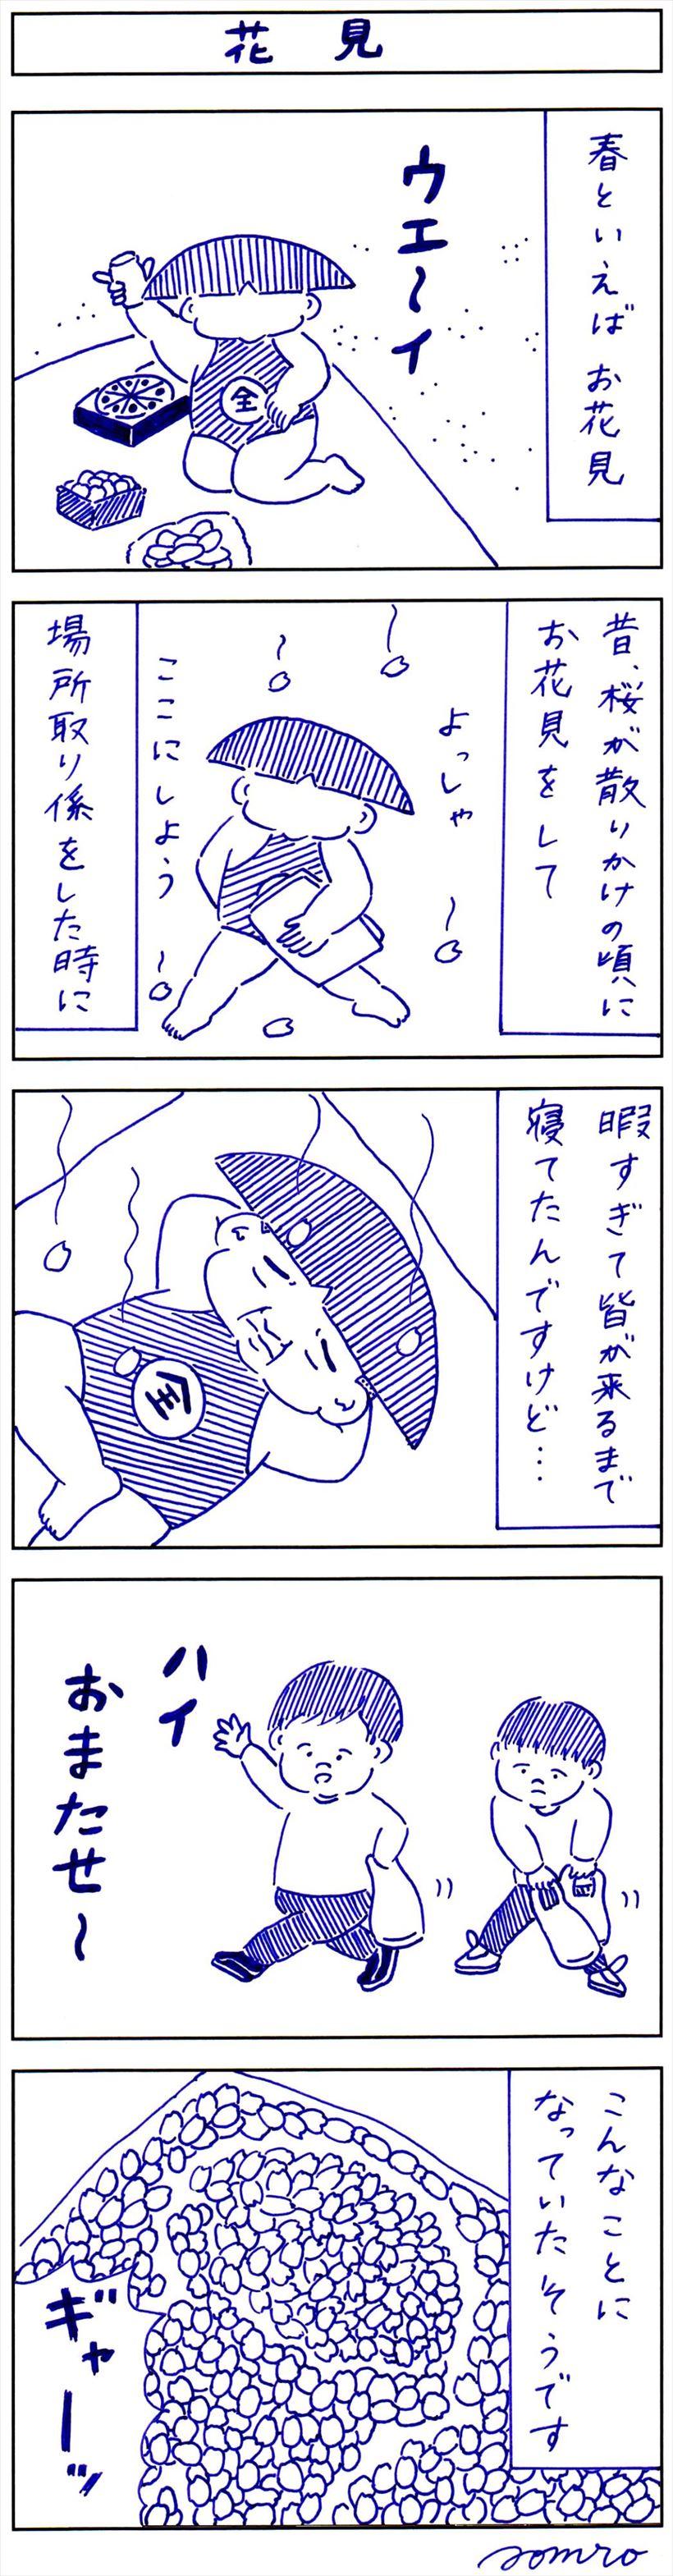 20170331_y-koba_manga_R